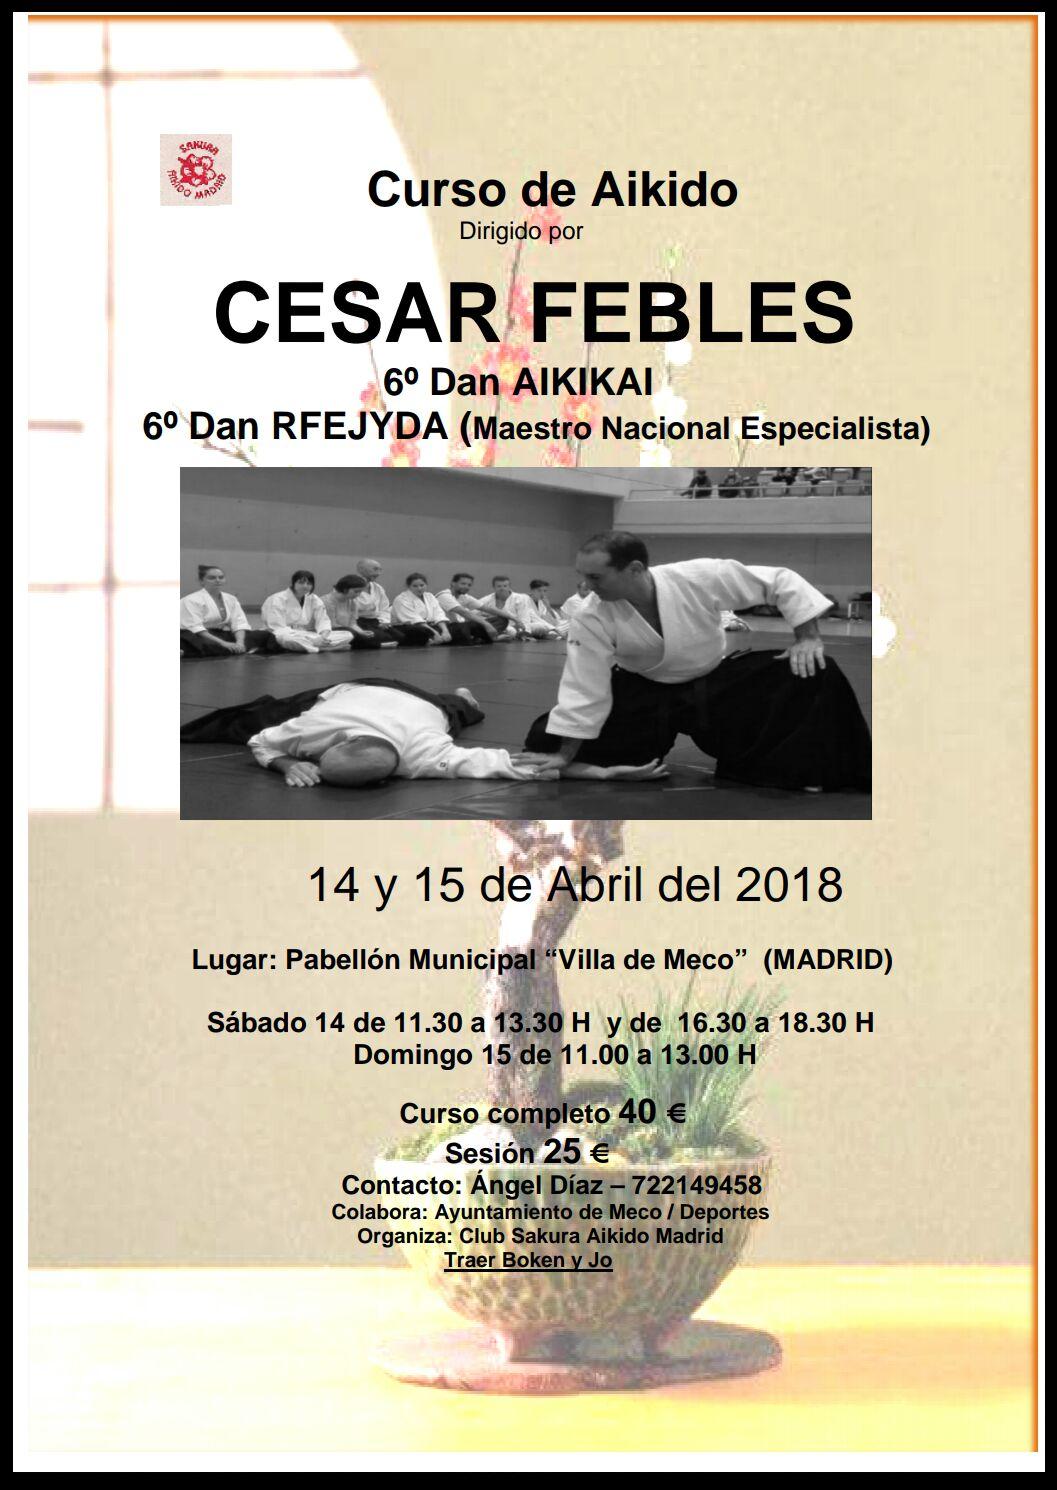 Curso de aikido en Madrid a cargo de César Febles 6º Dan Aikikai - 25 y 26 de marzo 2017